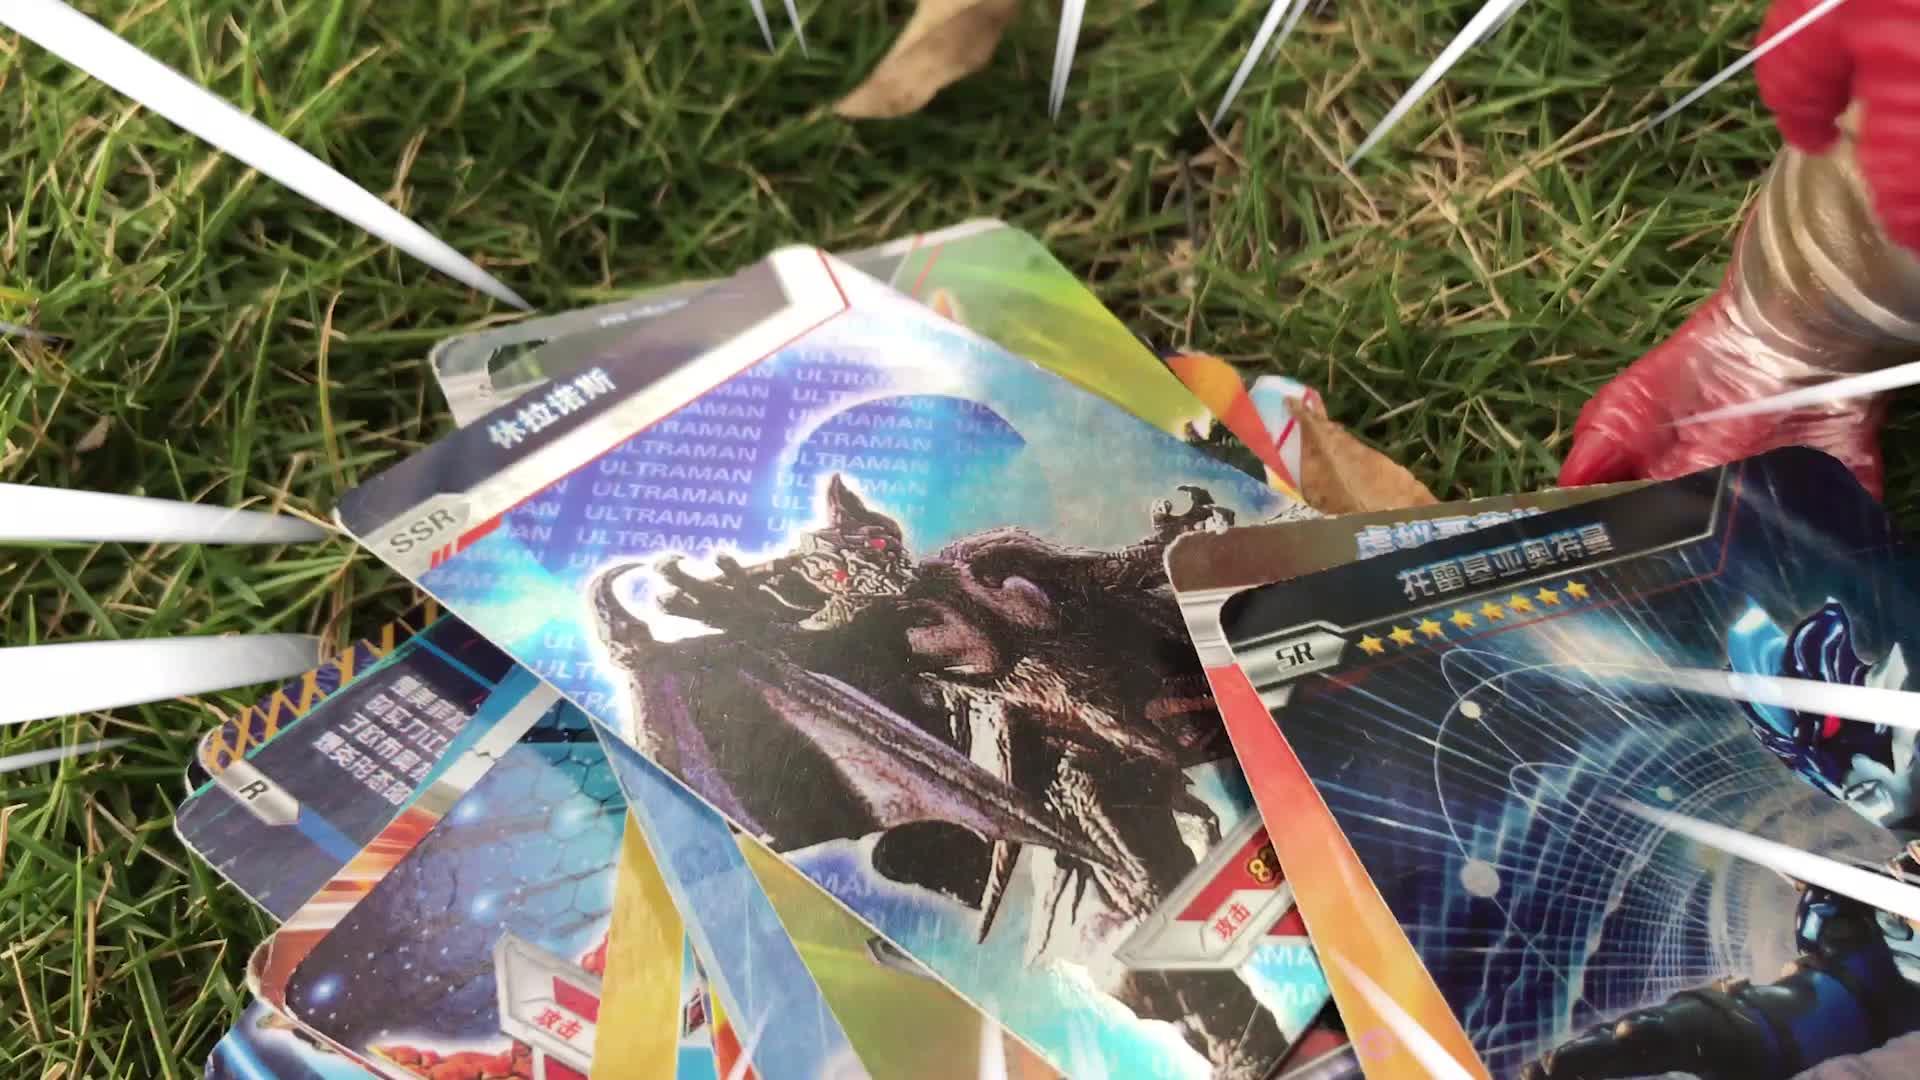 儿童玩具故事 泰迦迪迦奥特曼去卡片基地取卡片 遭遇怪兽搞破坏